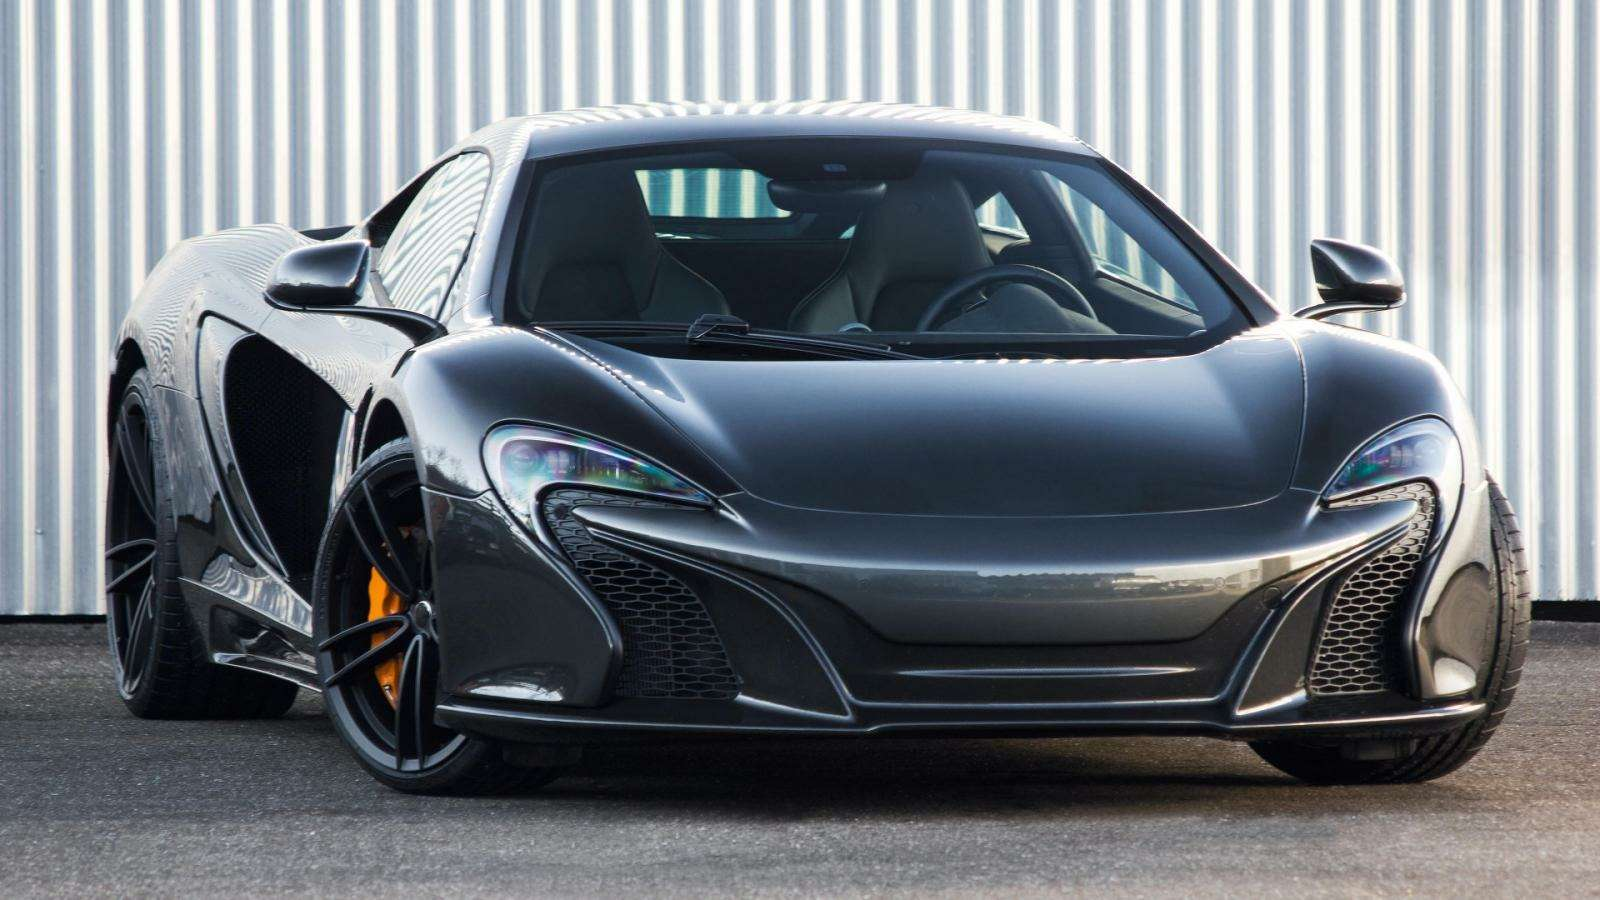 Изряда вон: тюнеры взялись за«средний» McLaren— фото 575552